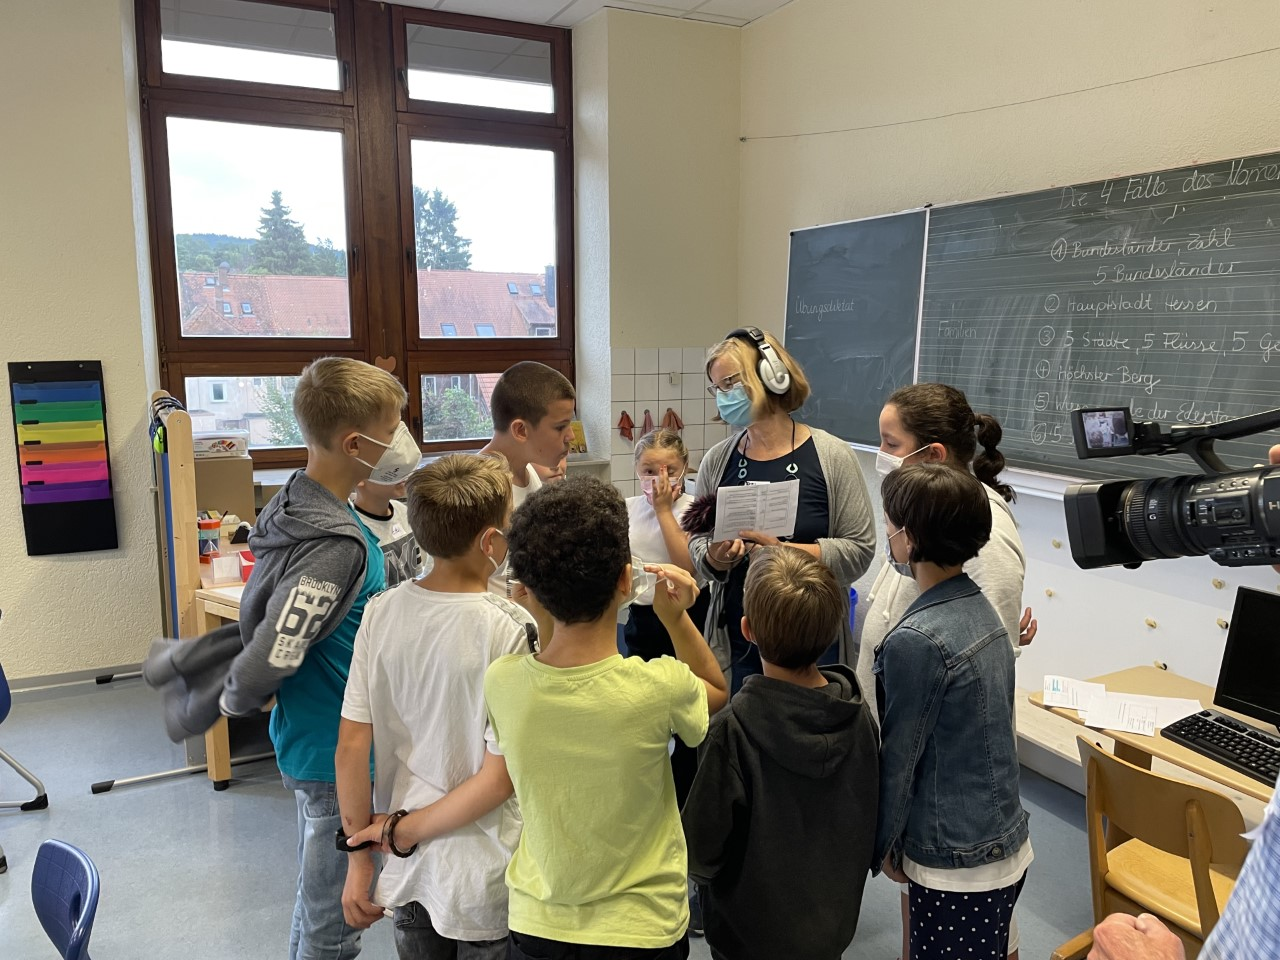 Gruppe von Kindern bei Audio-Aufnahmen